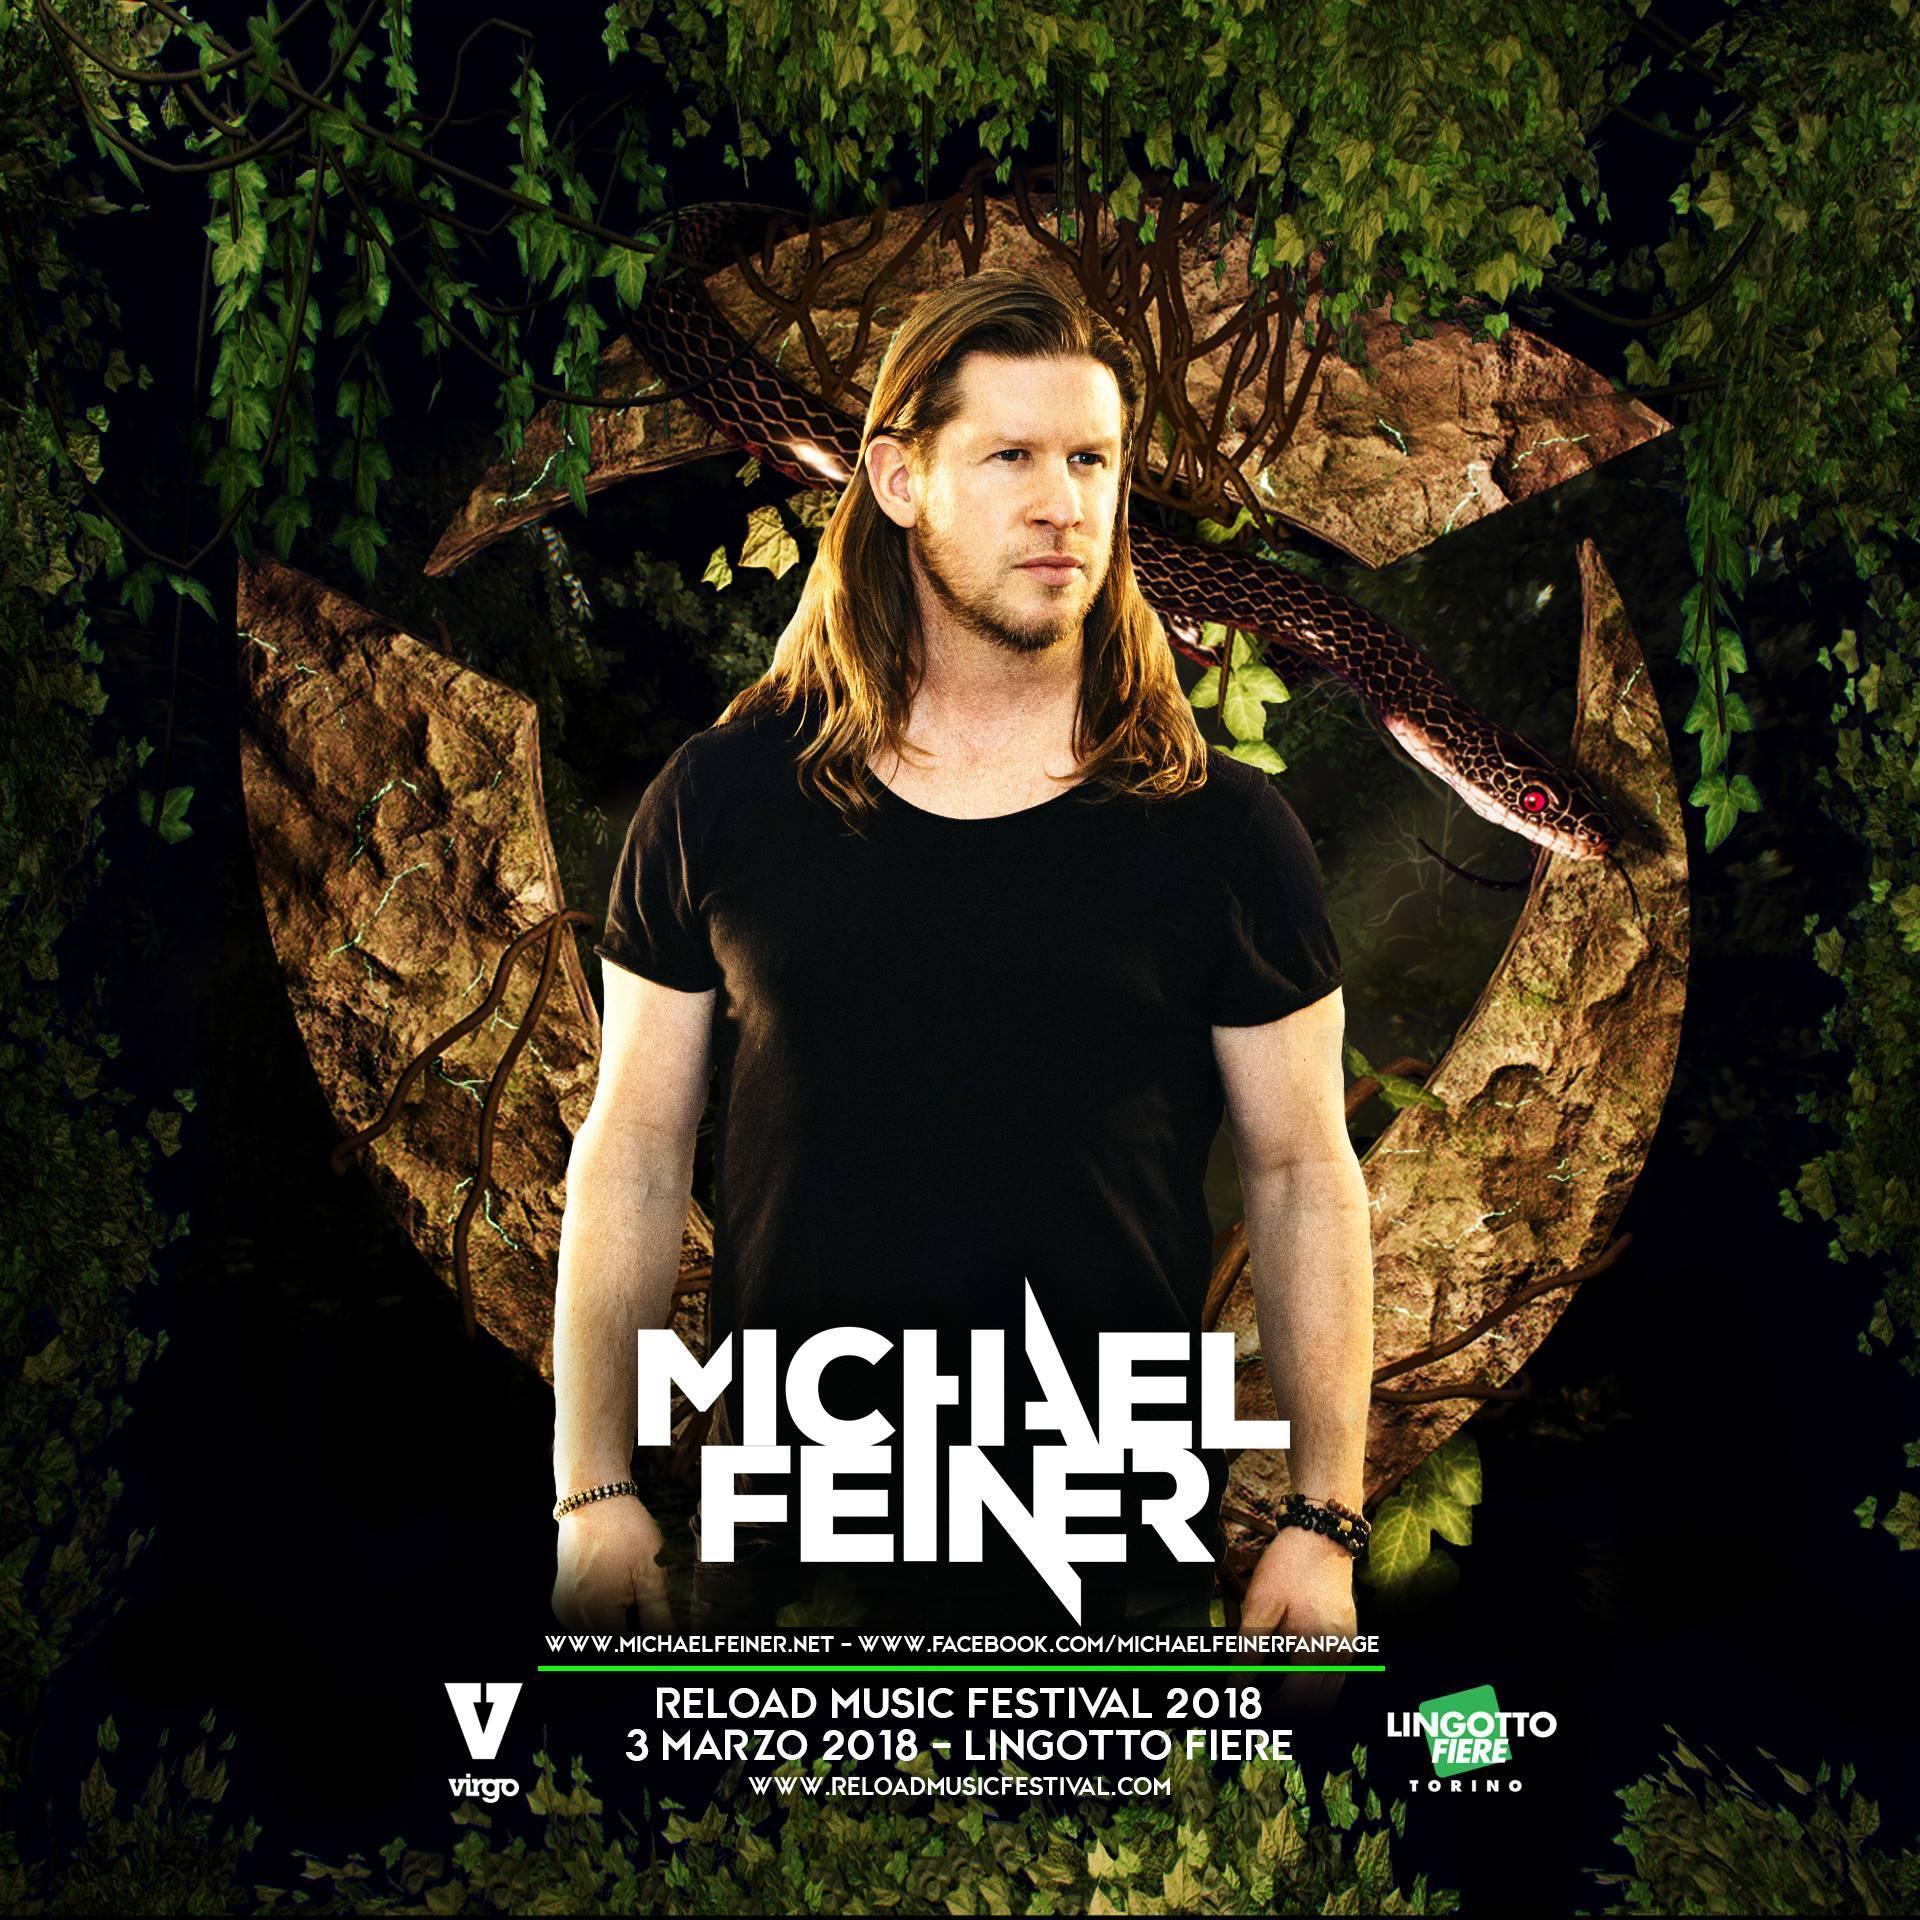 Reload Music Festival 2018 Michael Feiner